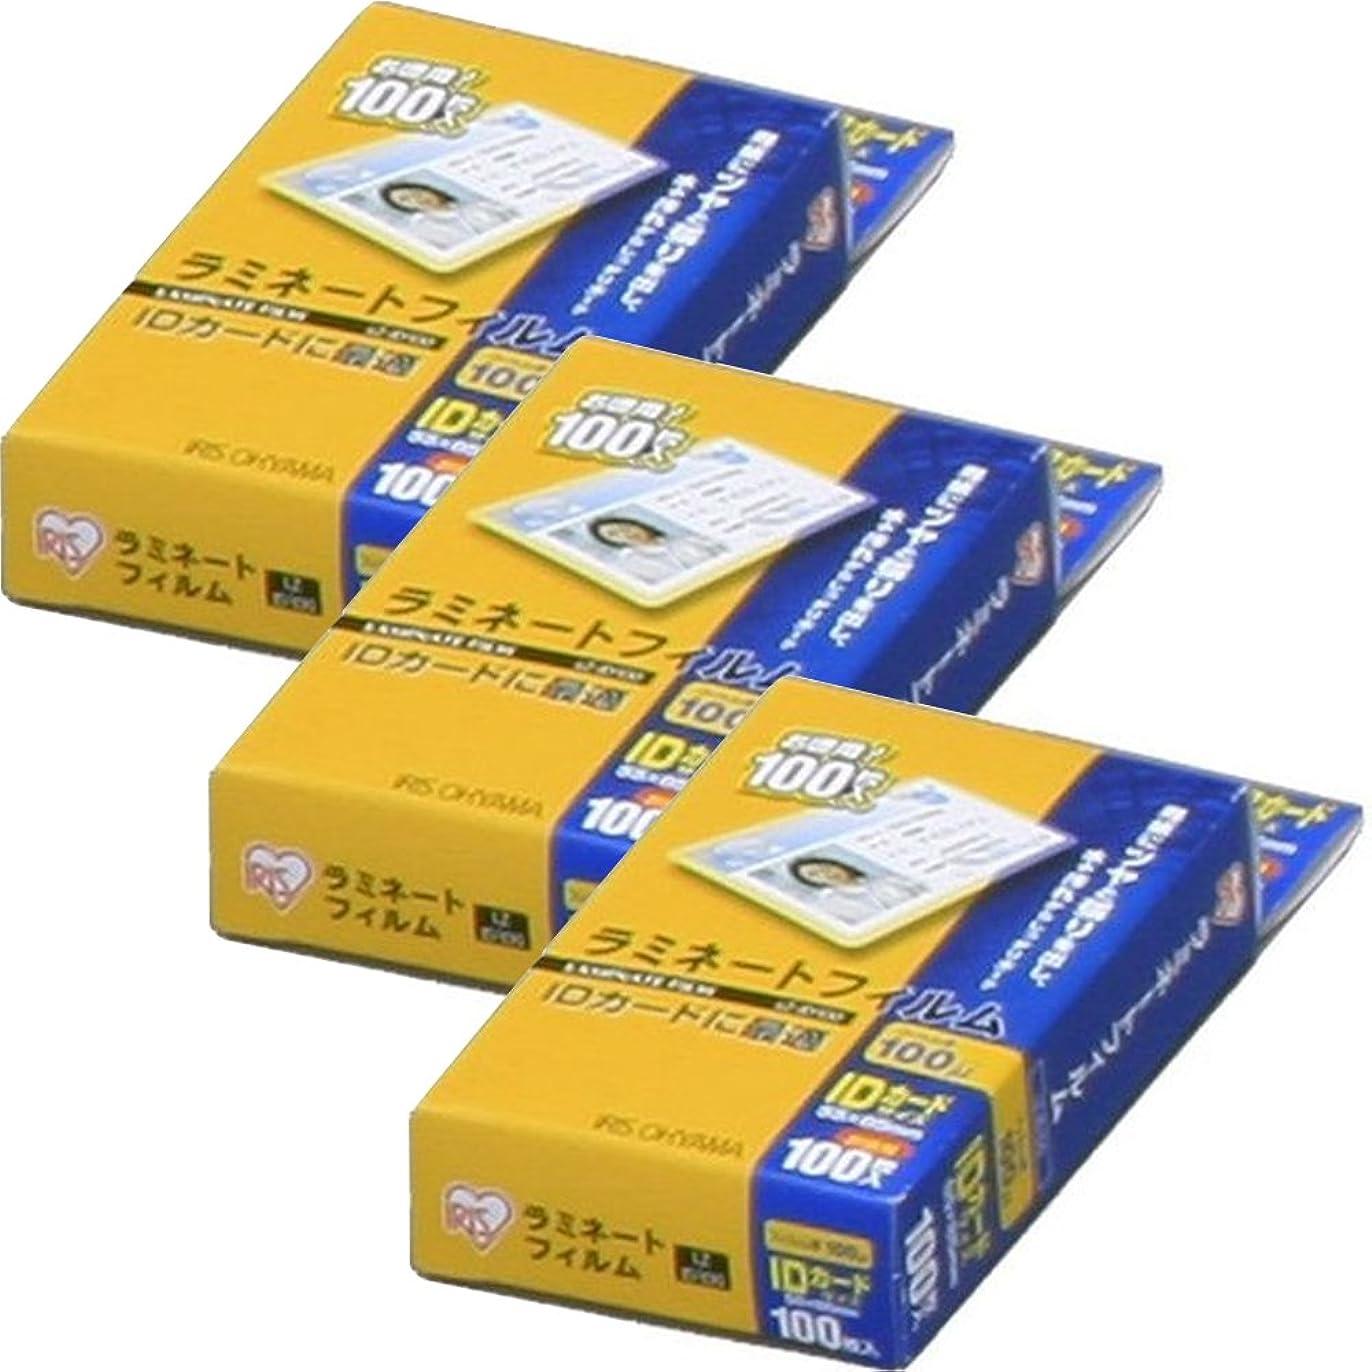 遠え黒板プリーツラミネートフィルム IDカードサイズ 100マイクロメーター LZ-ID100 (3個セット(100枚×3=300枚)) アイリスオーヤマ